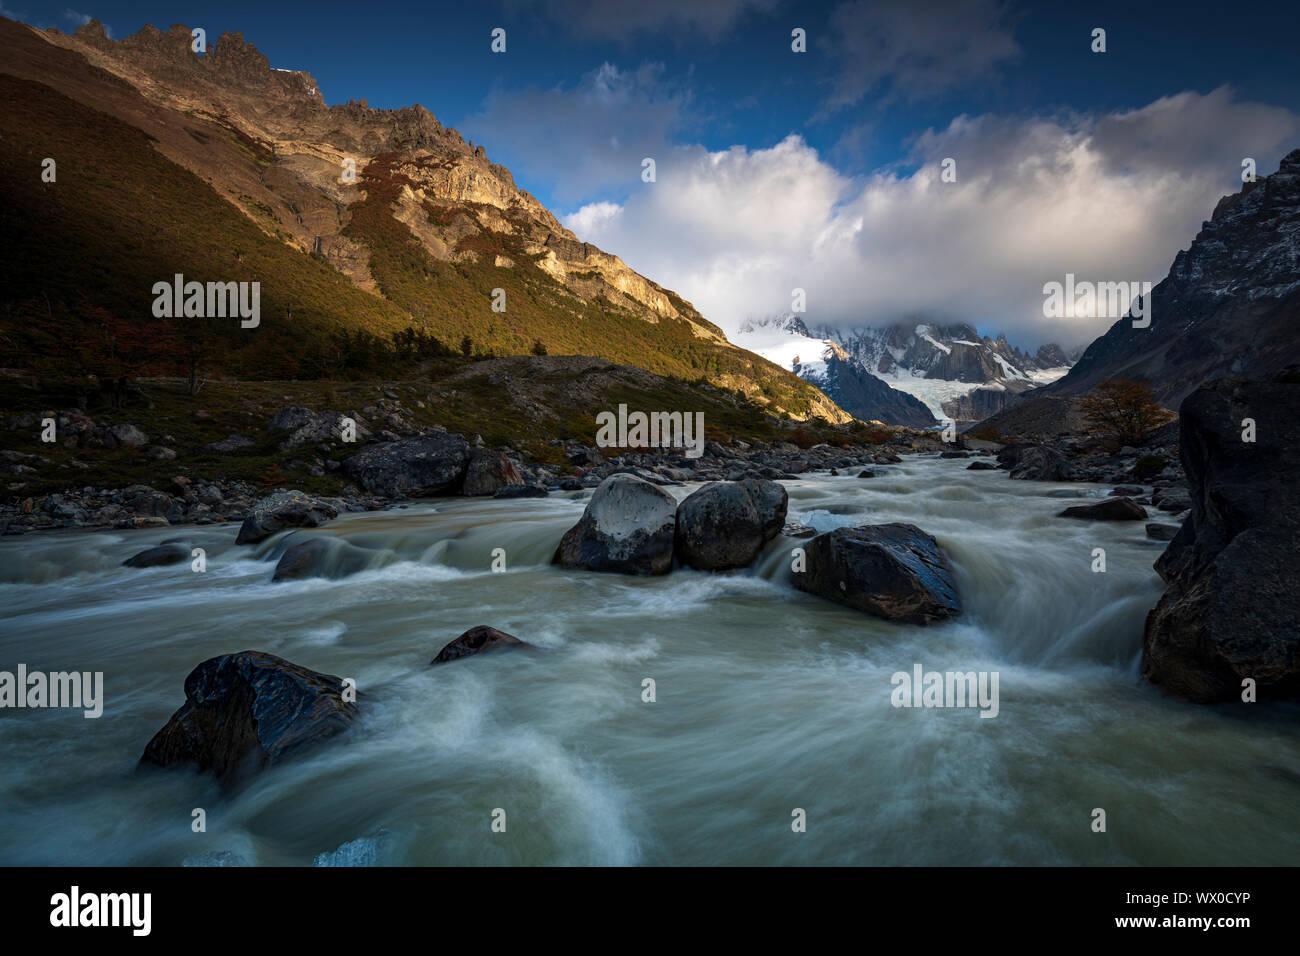 Rio el río de Fitz Roy, el Monte Fitz Roy y el Cerro Torre, El Chaltén, Parque Nacional Los Glaciares, declarado Patrimonio de la Humanidad por la UNESCO, Patagonia, Argentina Foto de stock